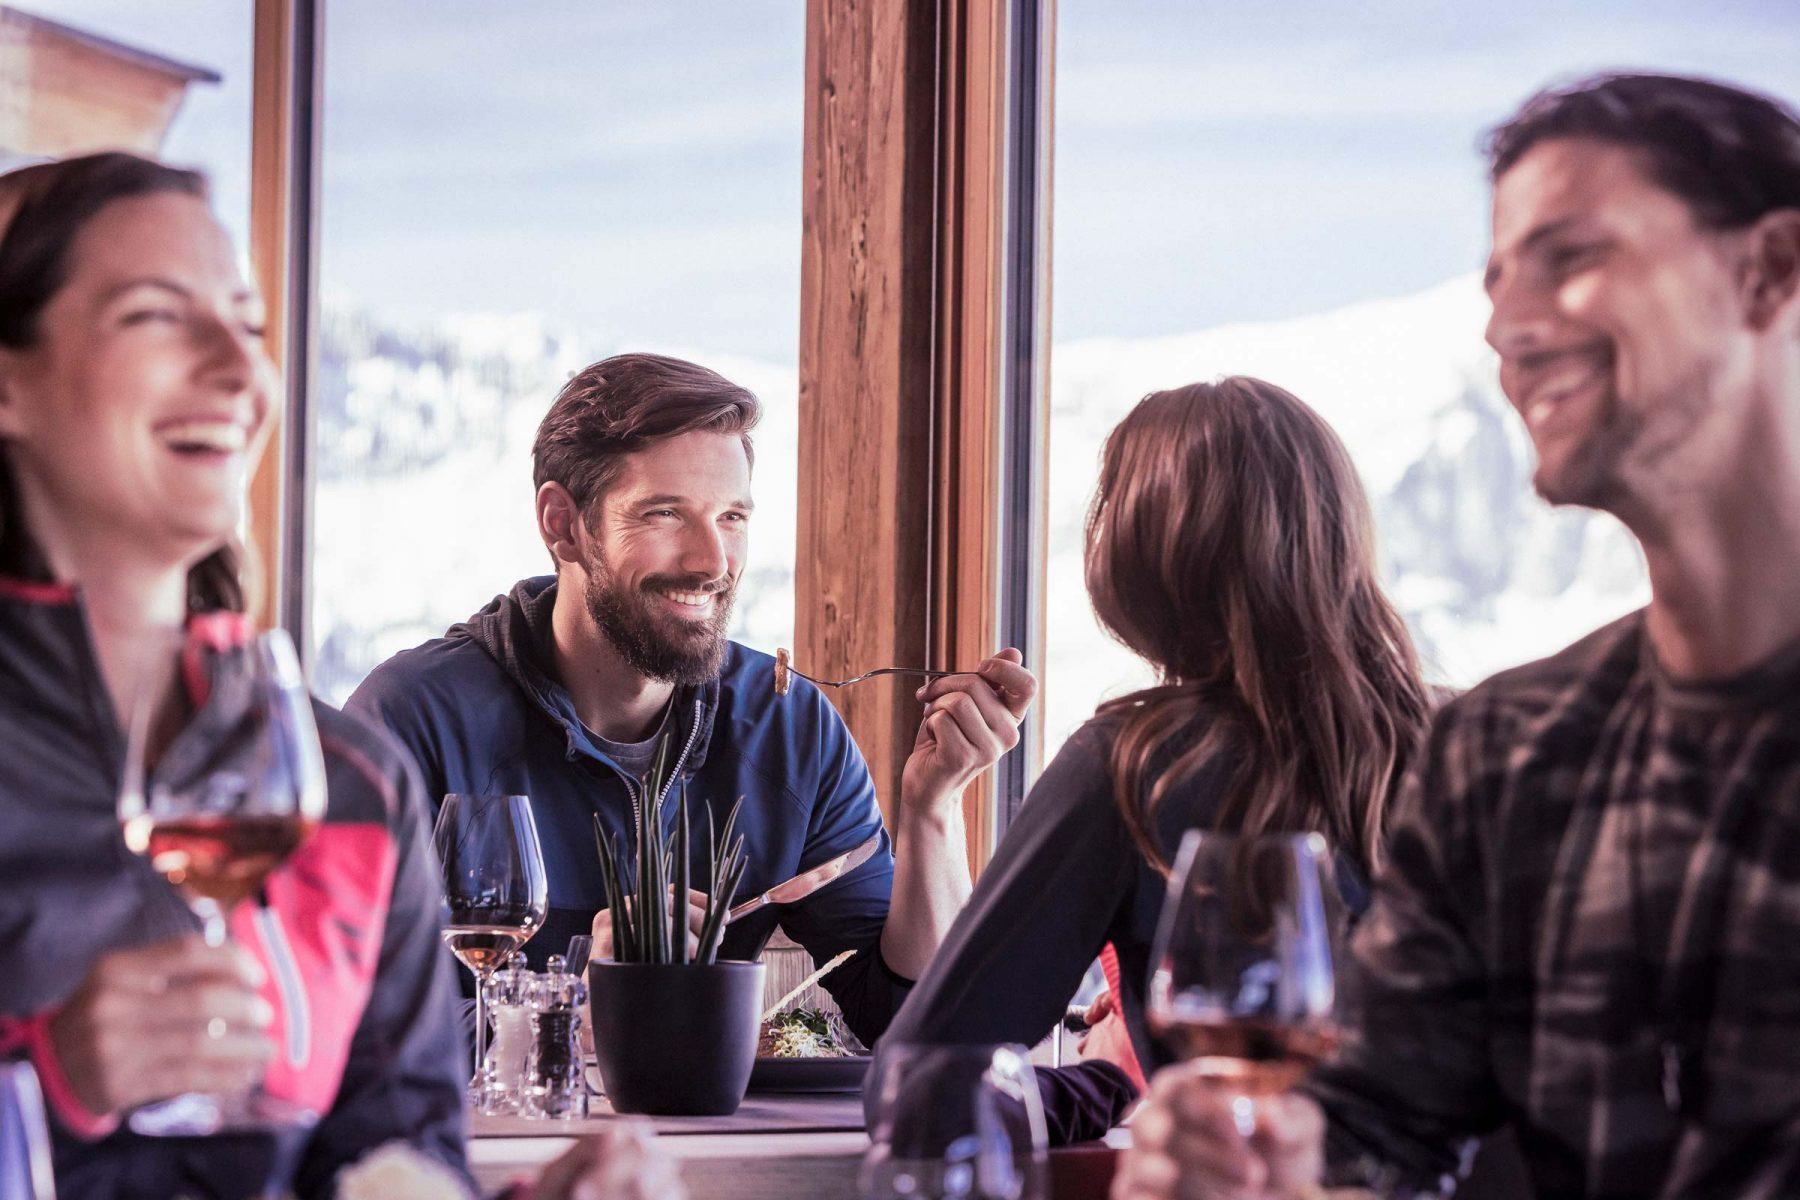 Skifahrer beim Mittagessen im Restaurant. Tirol Lodge - Derek Henthorn - Fotograf München